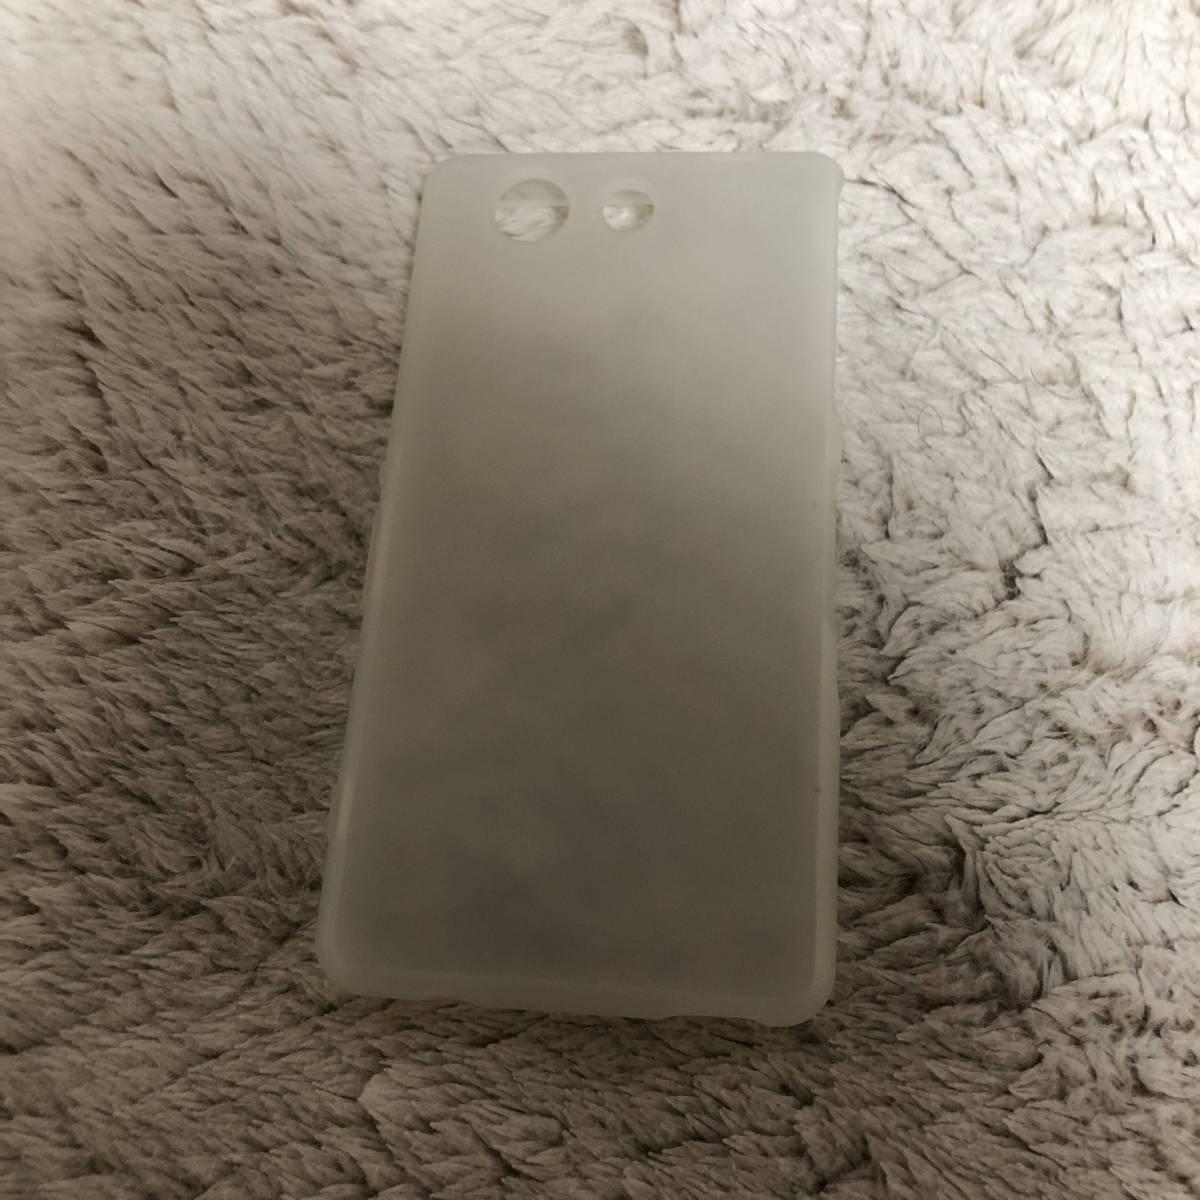 【新品同等品・送料無料】Xperia Z3 Compact SO-02G おまけ付き_画像6